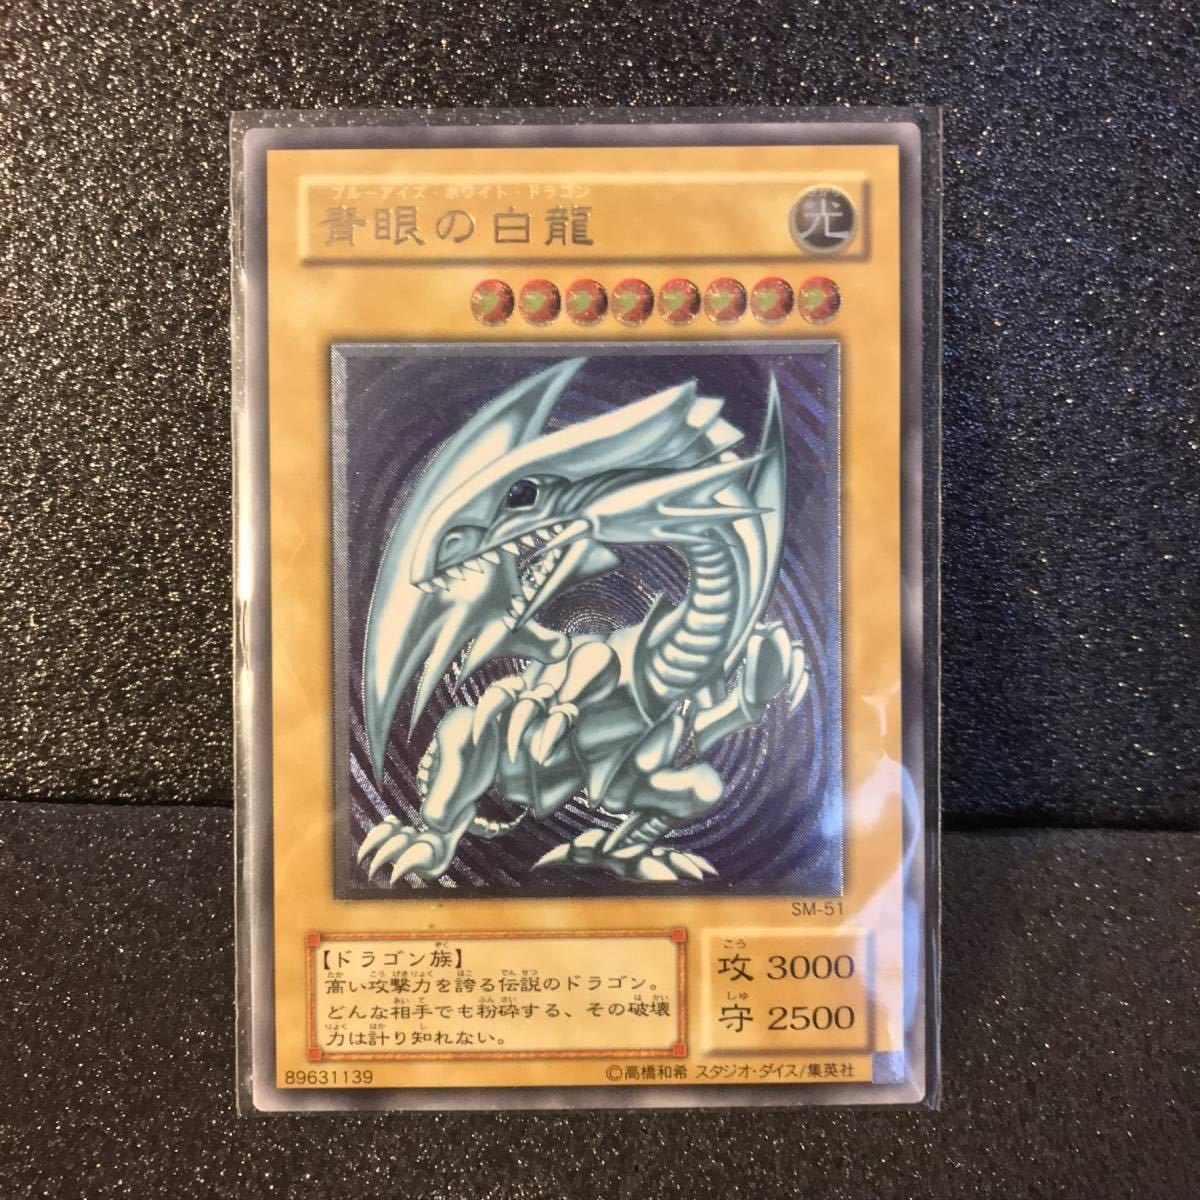 【極美品-濃青】遊戯王 青眼の白龍 レリーフ ブルーアイズホワイトドラゴン アルティメット  Blue eyes white dragon ultimate SM-51